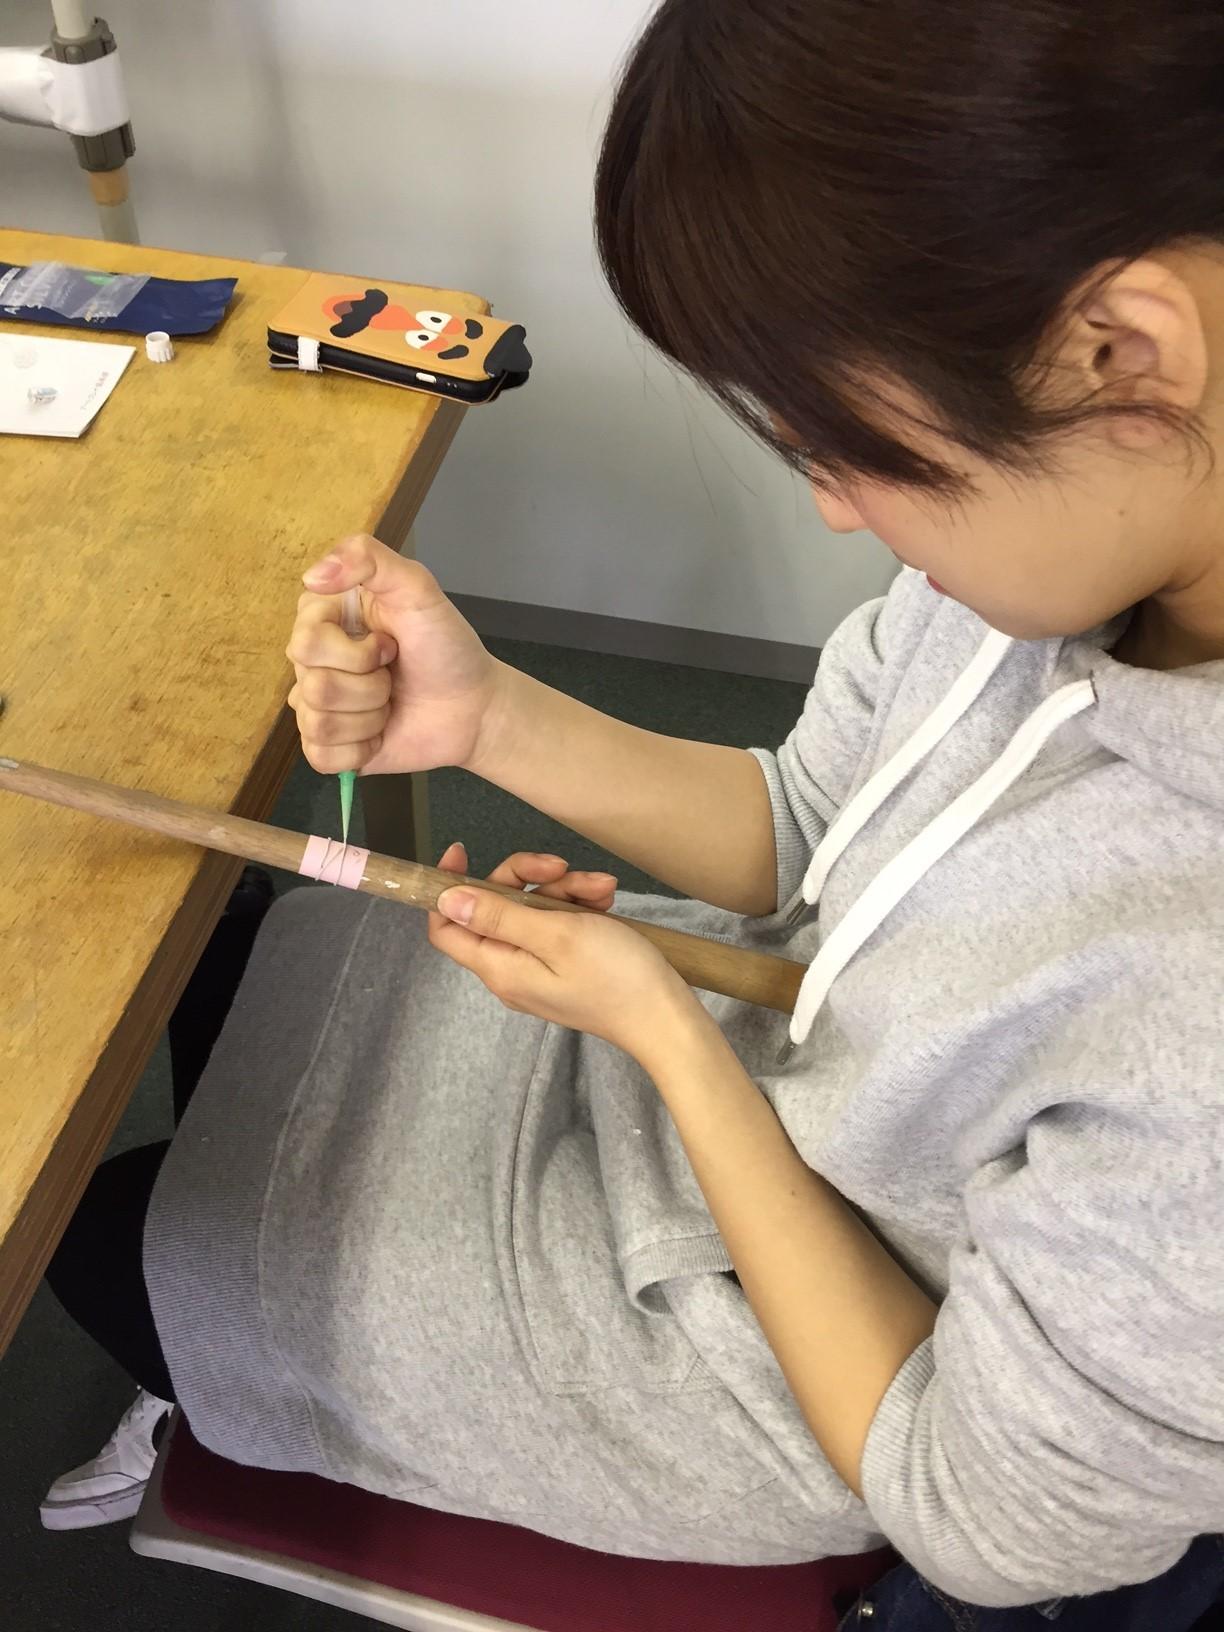 アートクレイ工房で体験できます!_f0181217_16233353.jpg